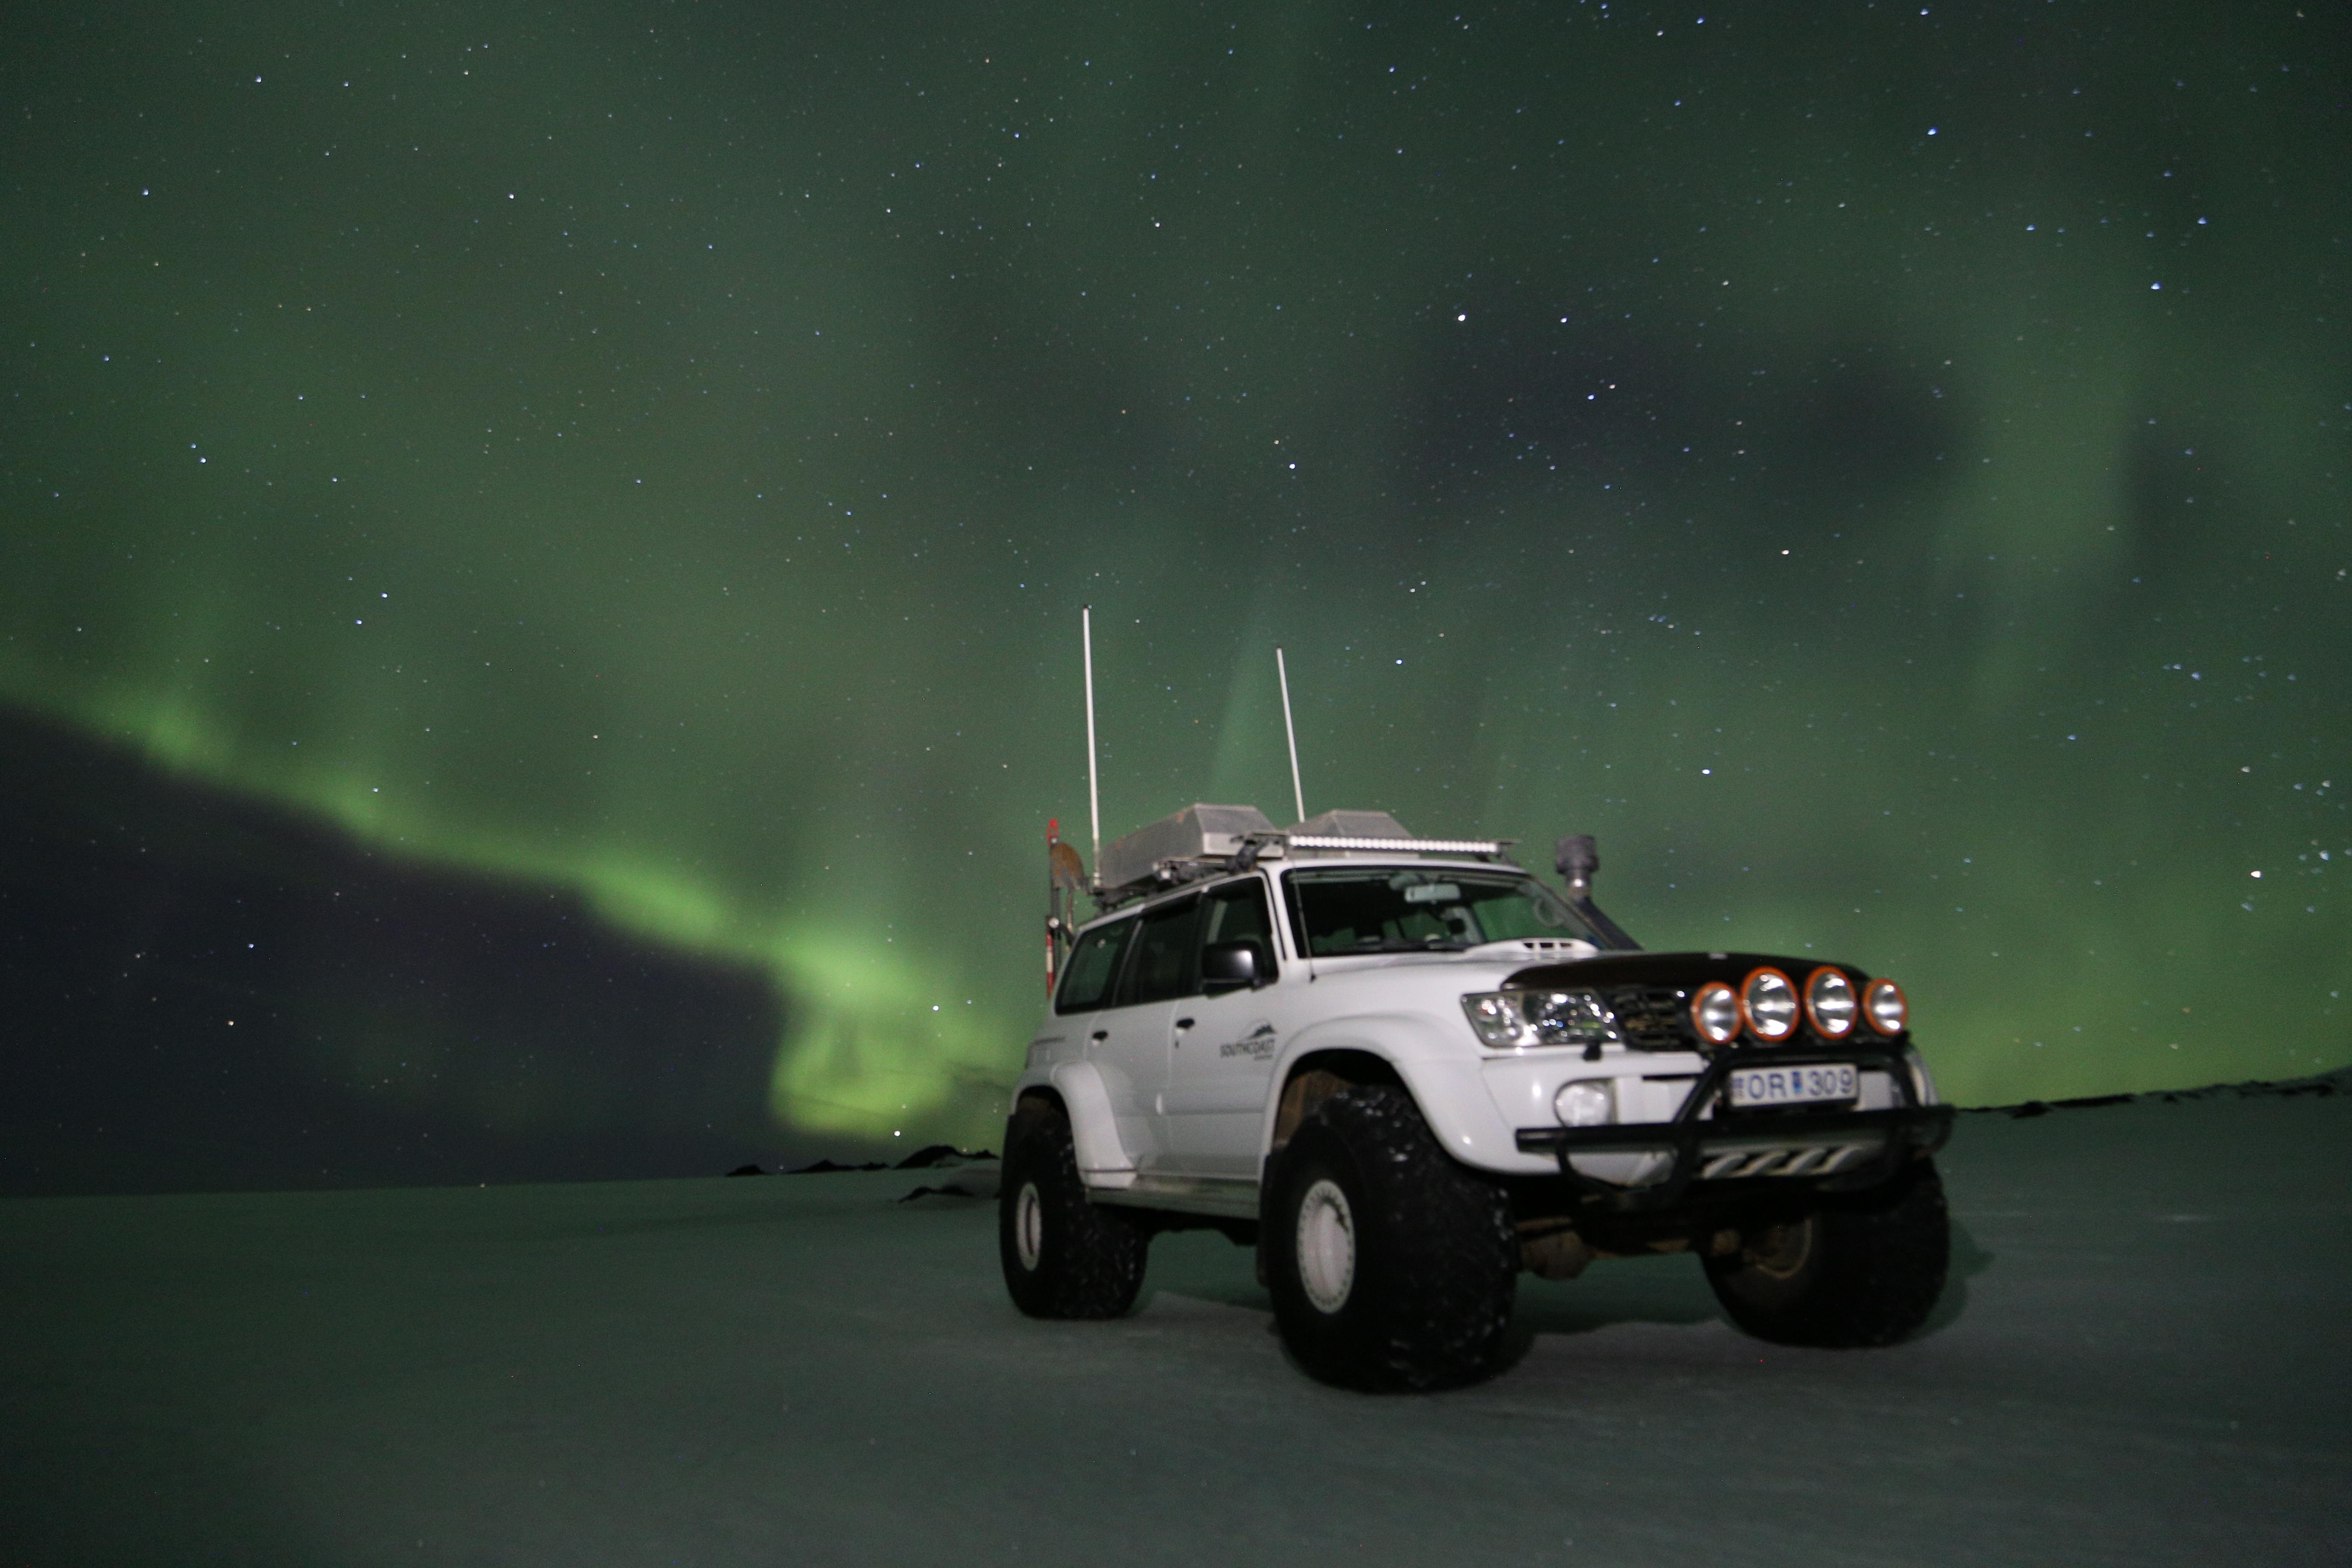 Du wirst in einem modifizierten Allrad-Geländewagen auf den Eyjafjallajökull fahren.